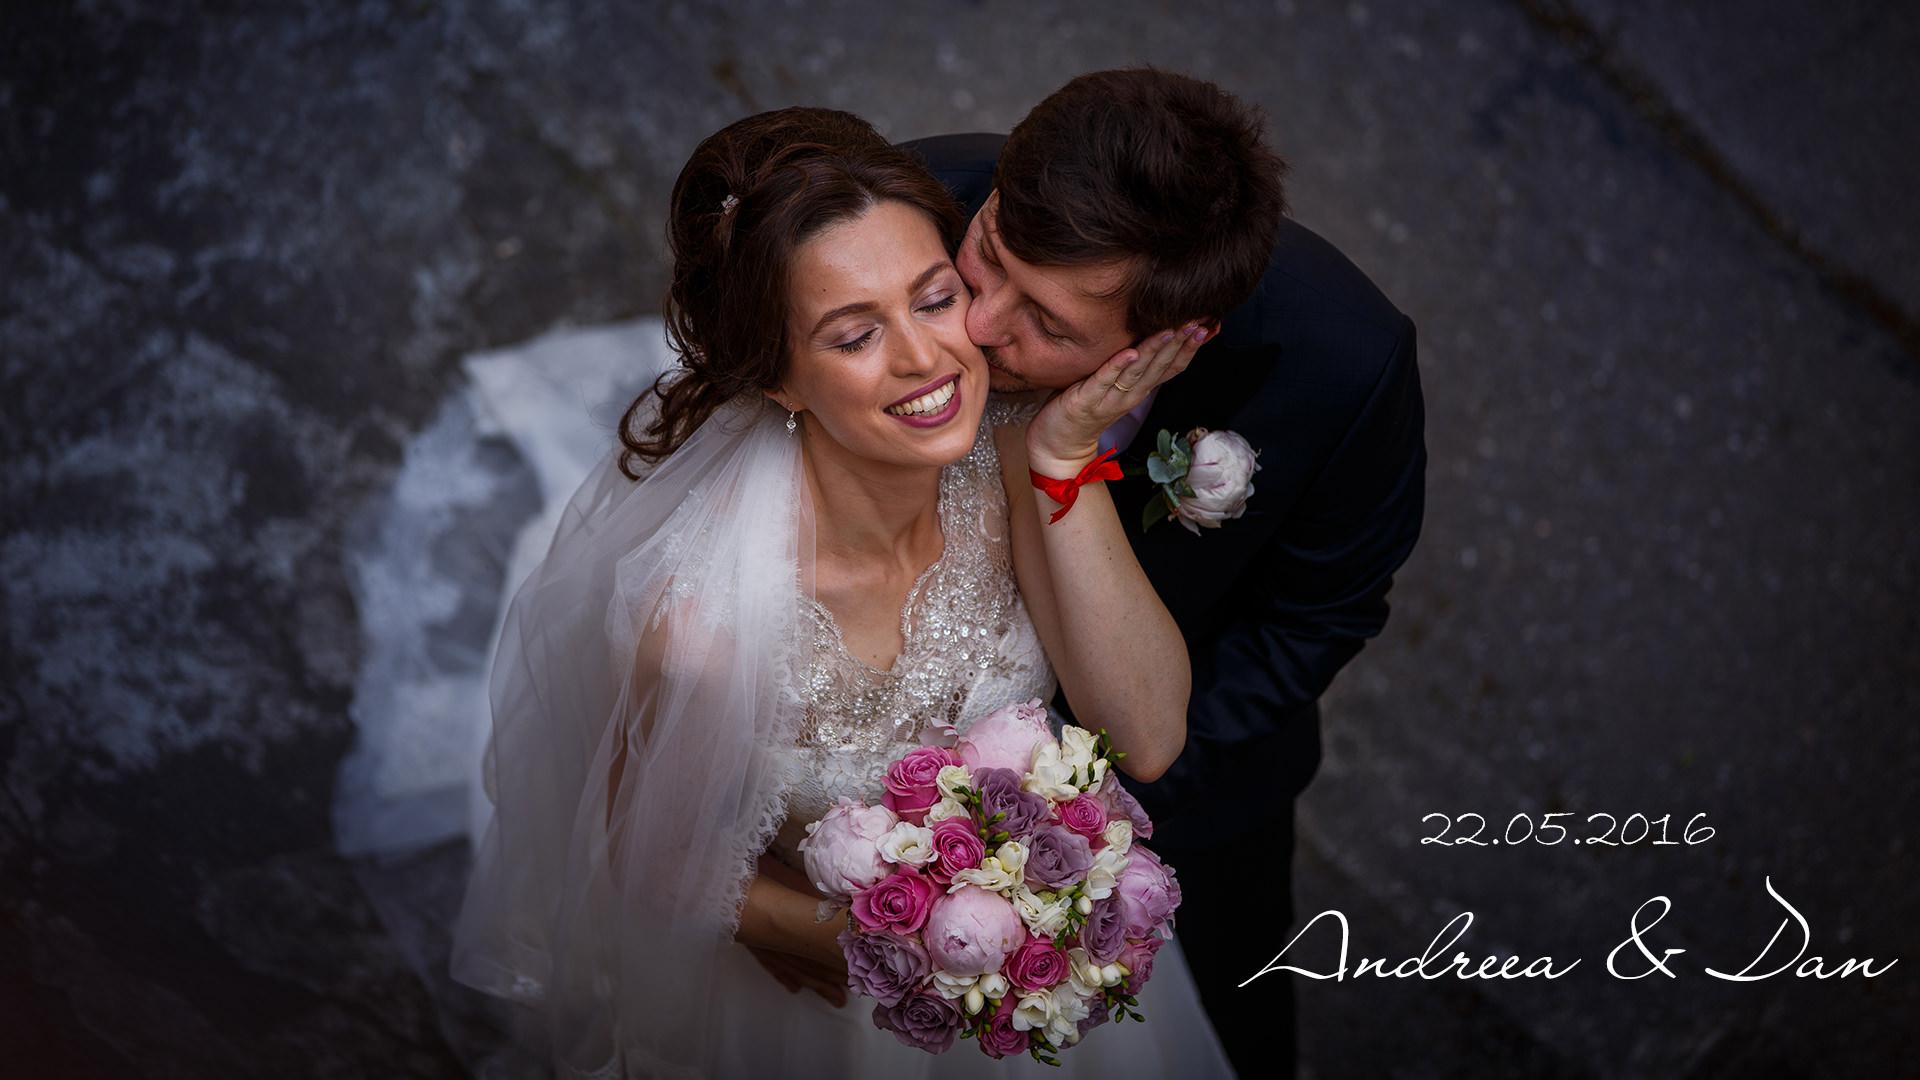 Slideshow De Nuntă – Andreea şi Dan (nuntă Bucureşti)